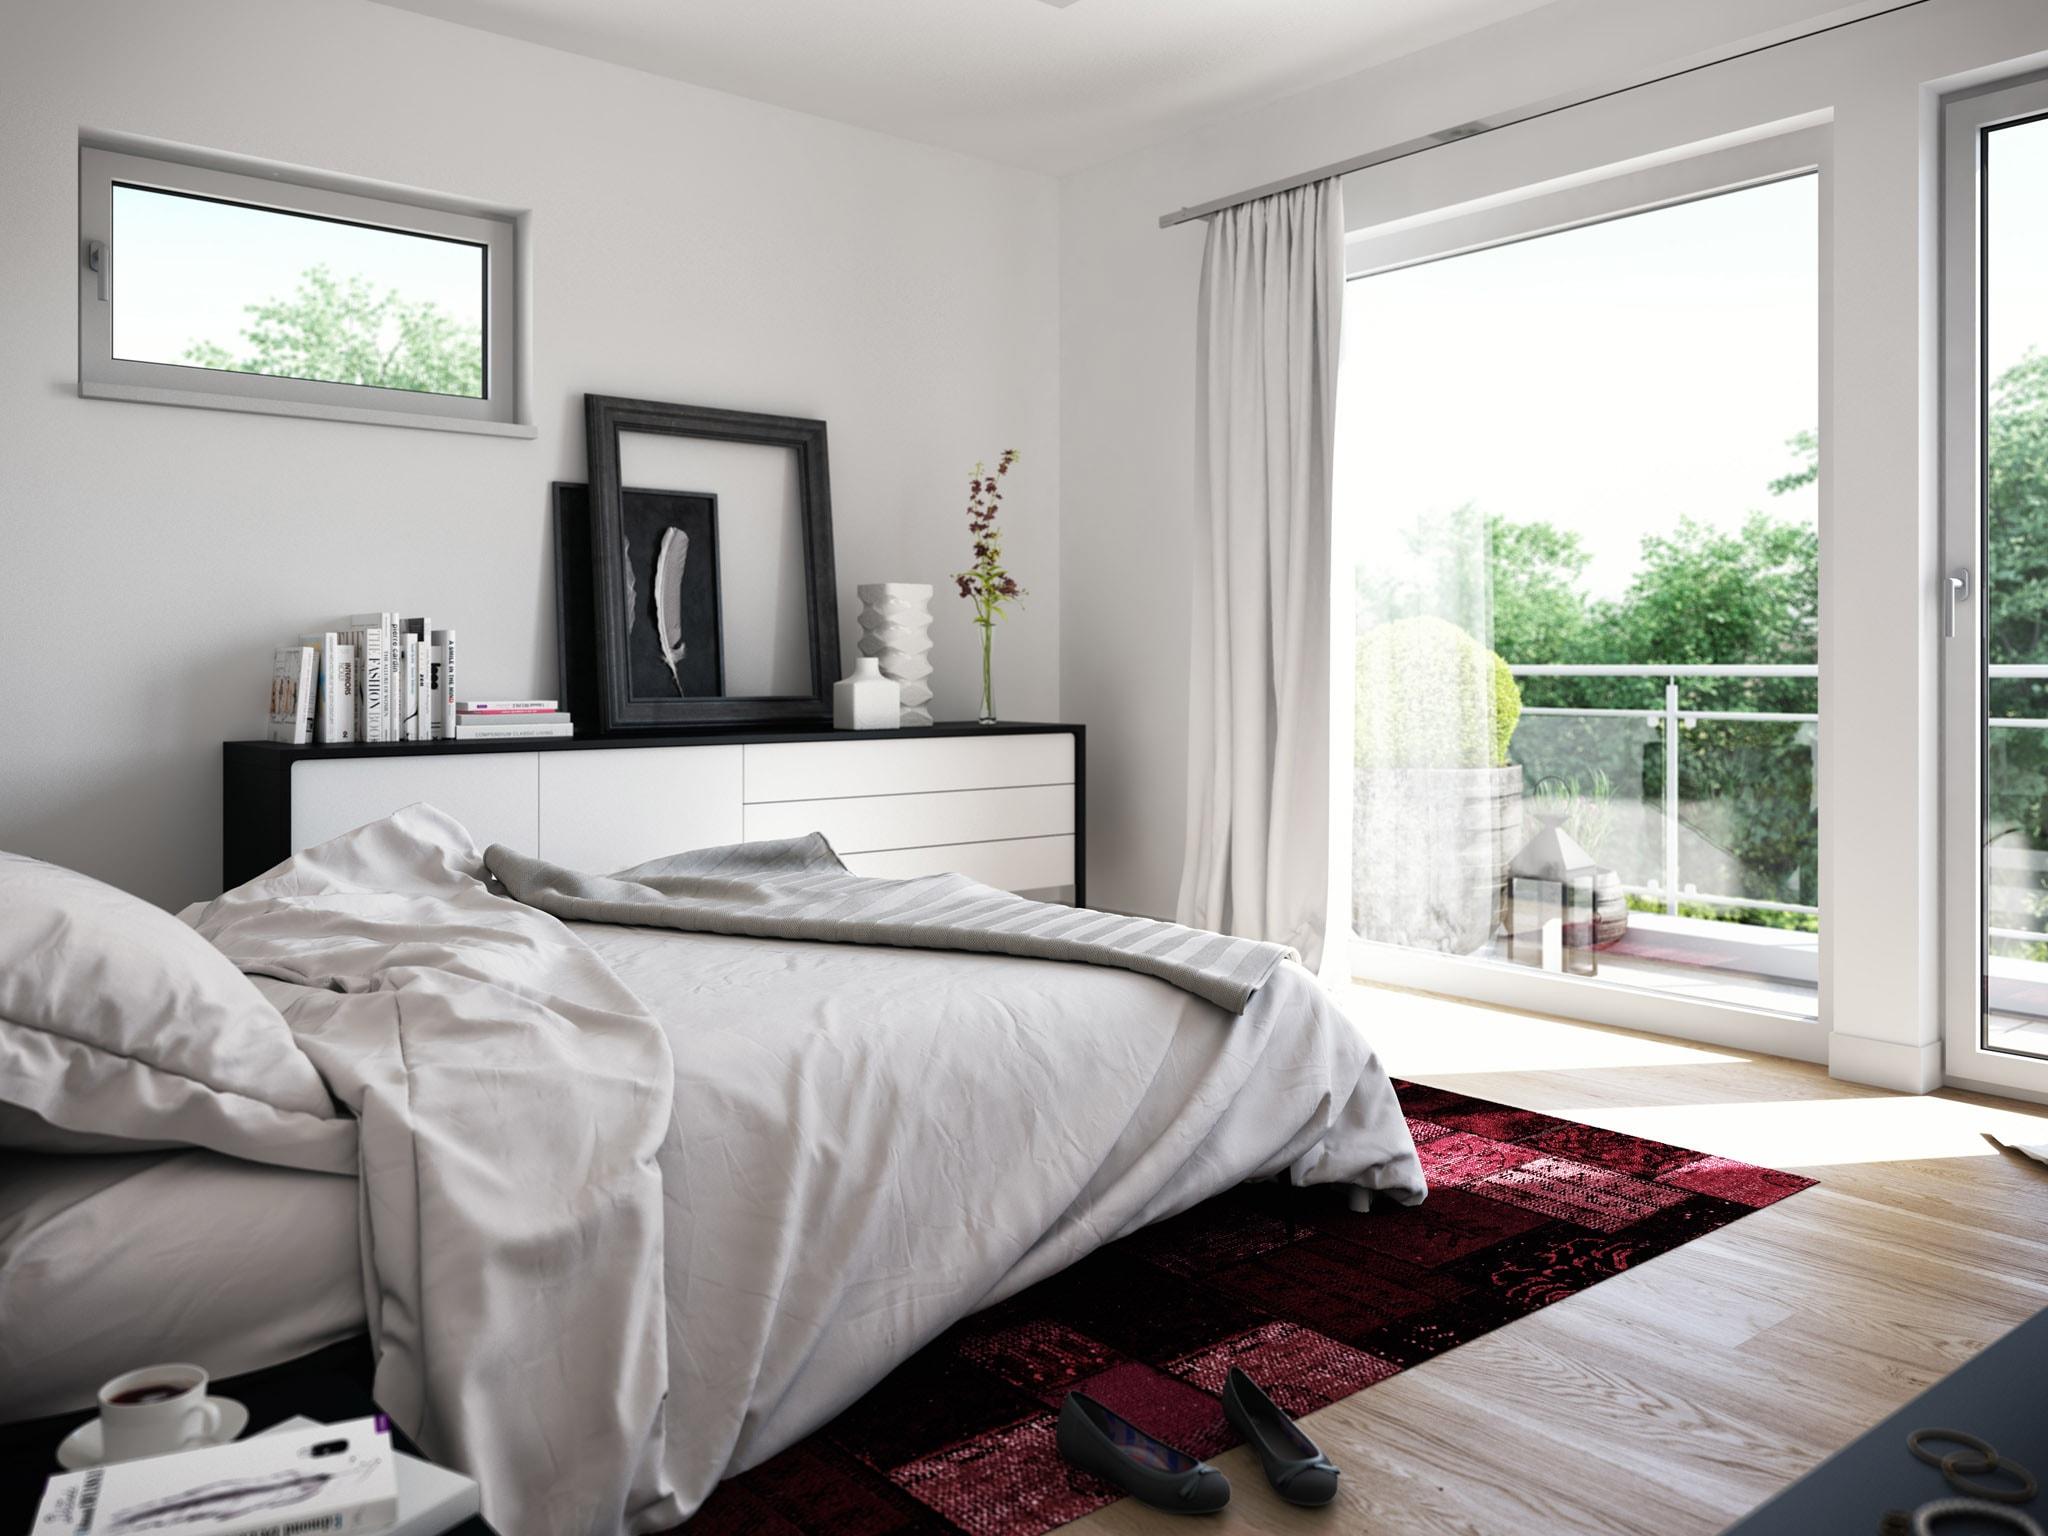 Schlafzimmer Ideen - Inneneinrichtung Stadtvilla Fertighaus Living Haus SUNSHINE 136 V7 - HausbauDirekt.de